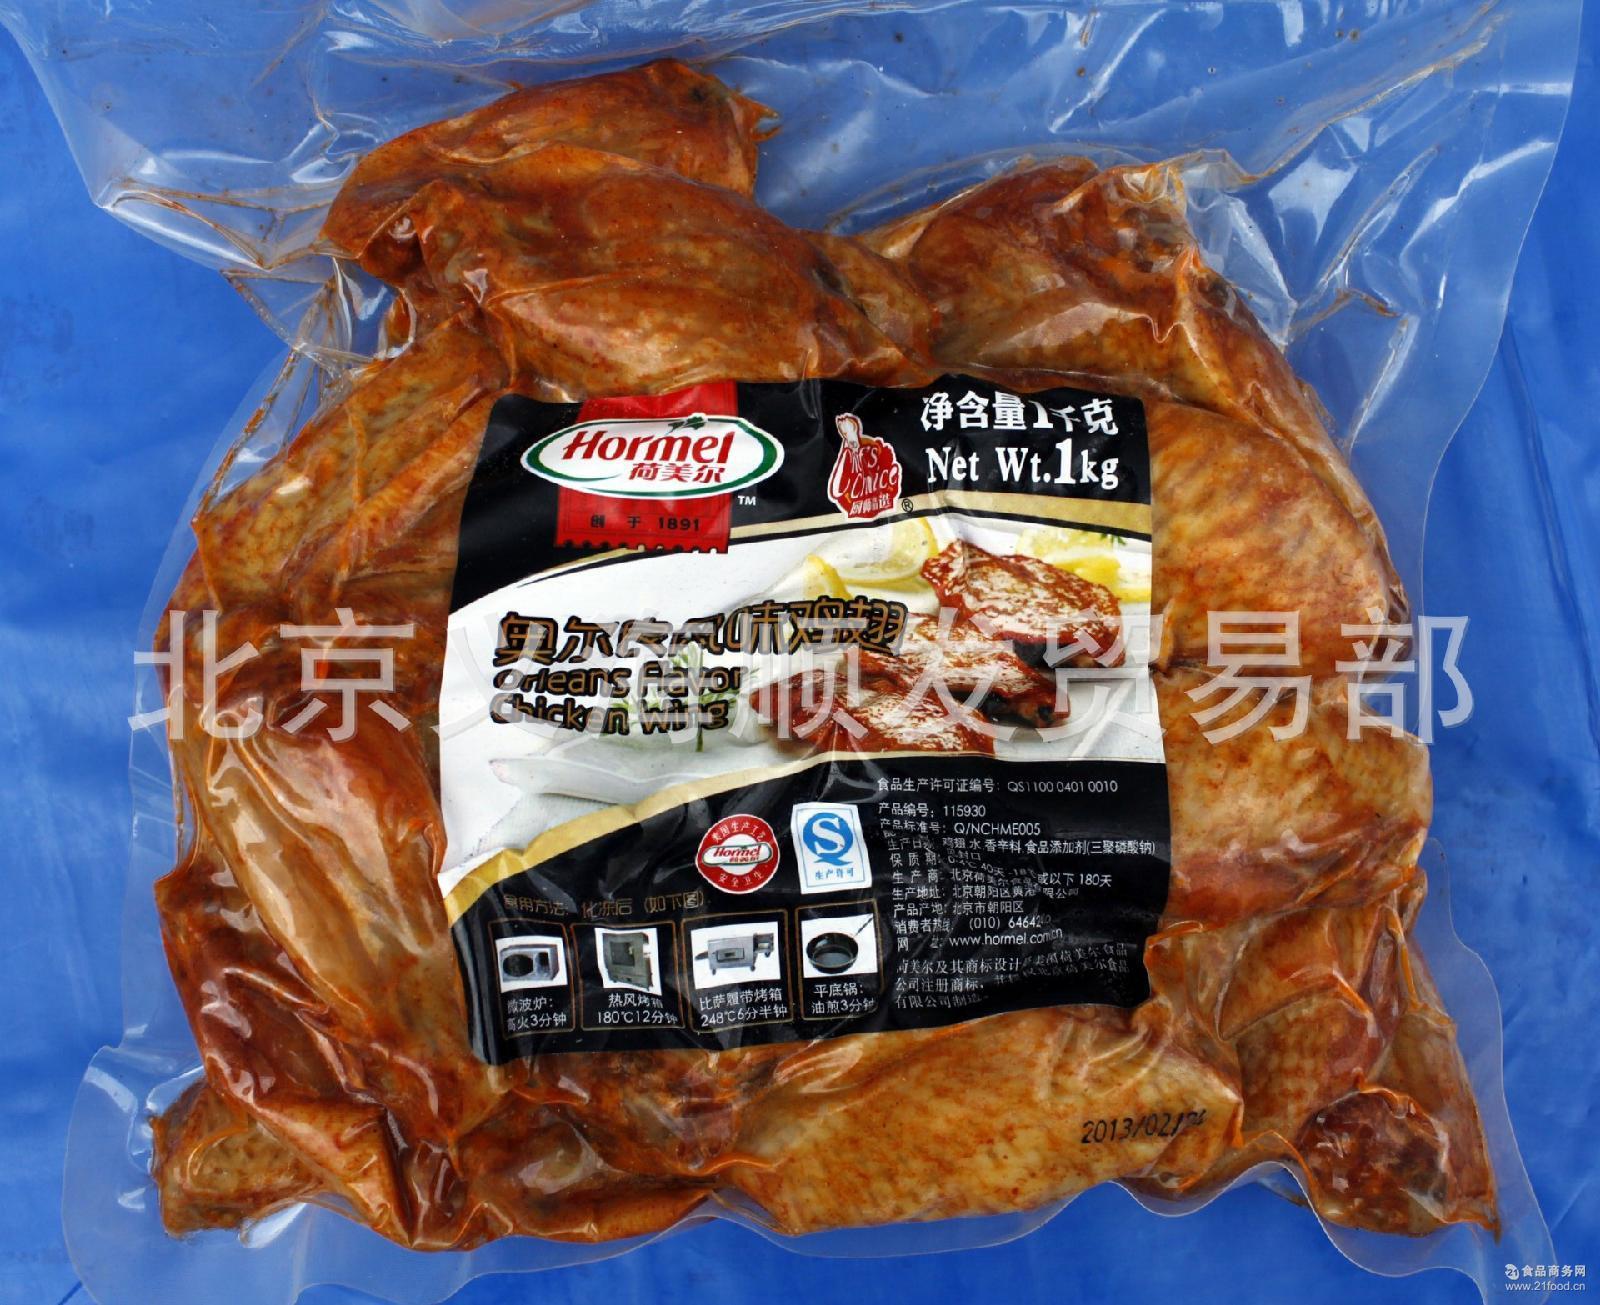 1千克荷美尔奥尔良风味鸡翅 整箱优惠 批发销售